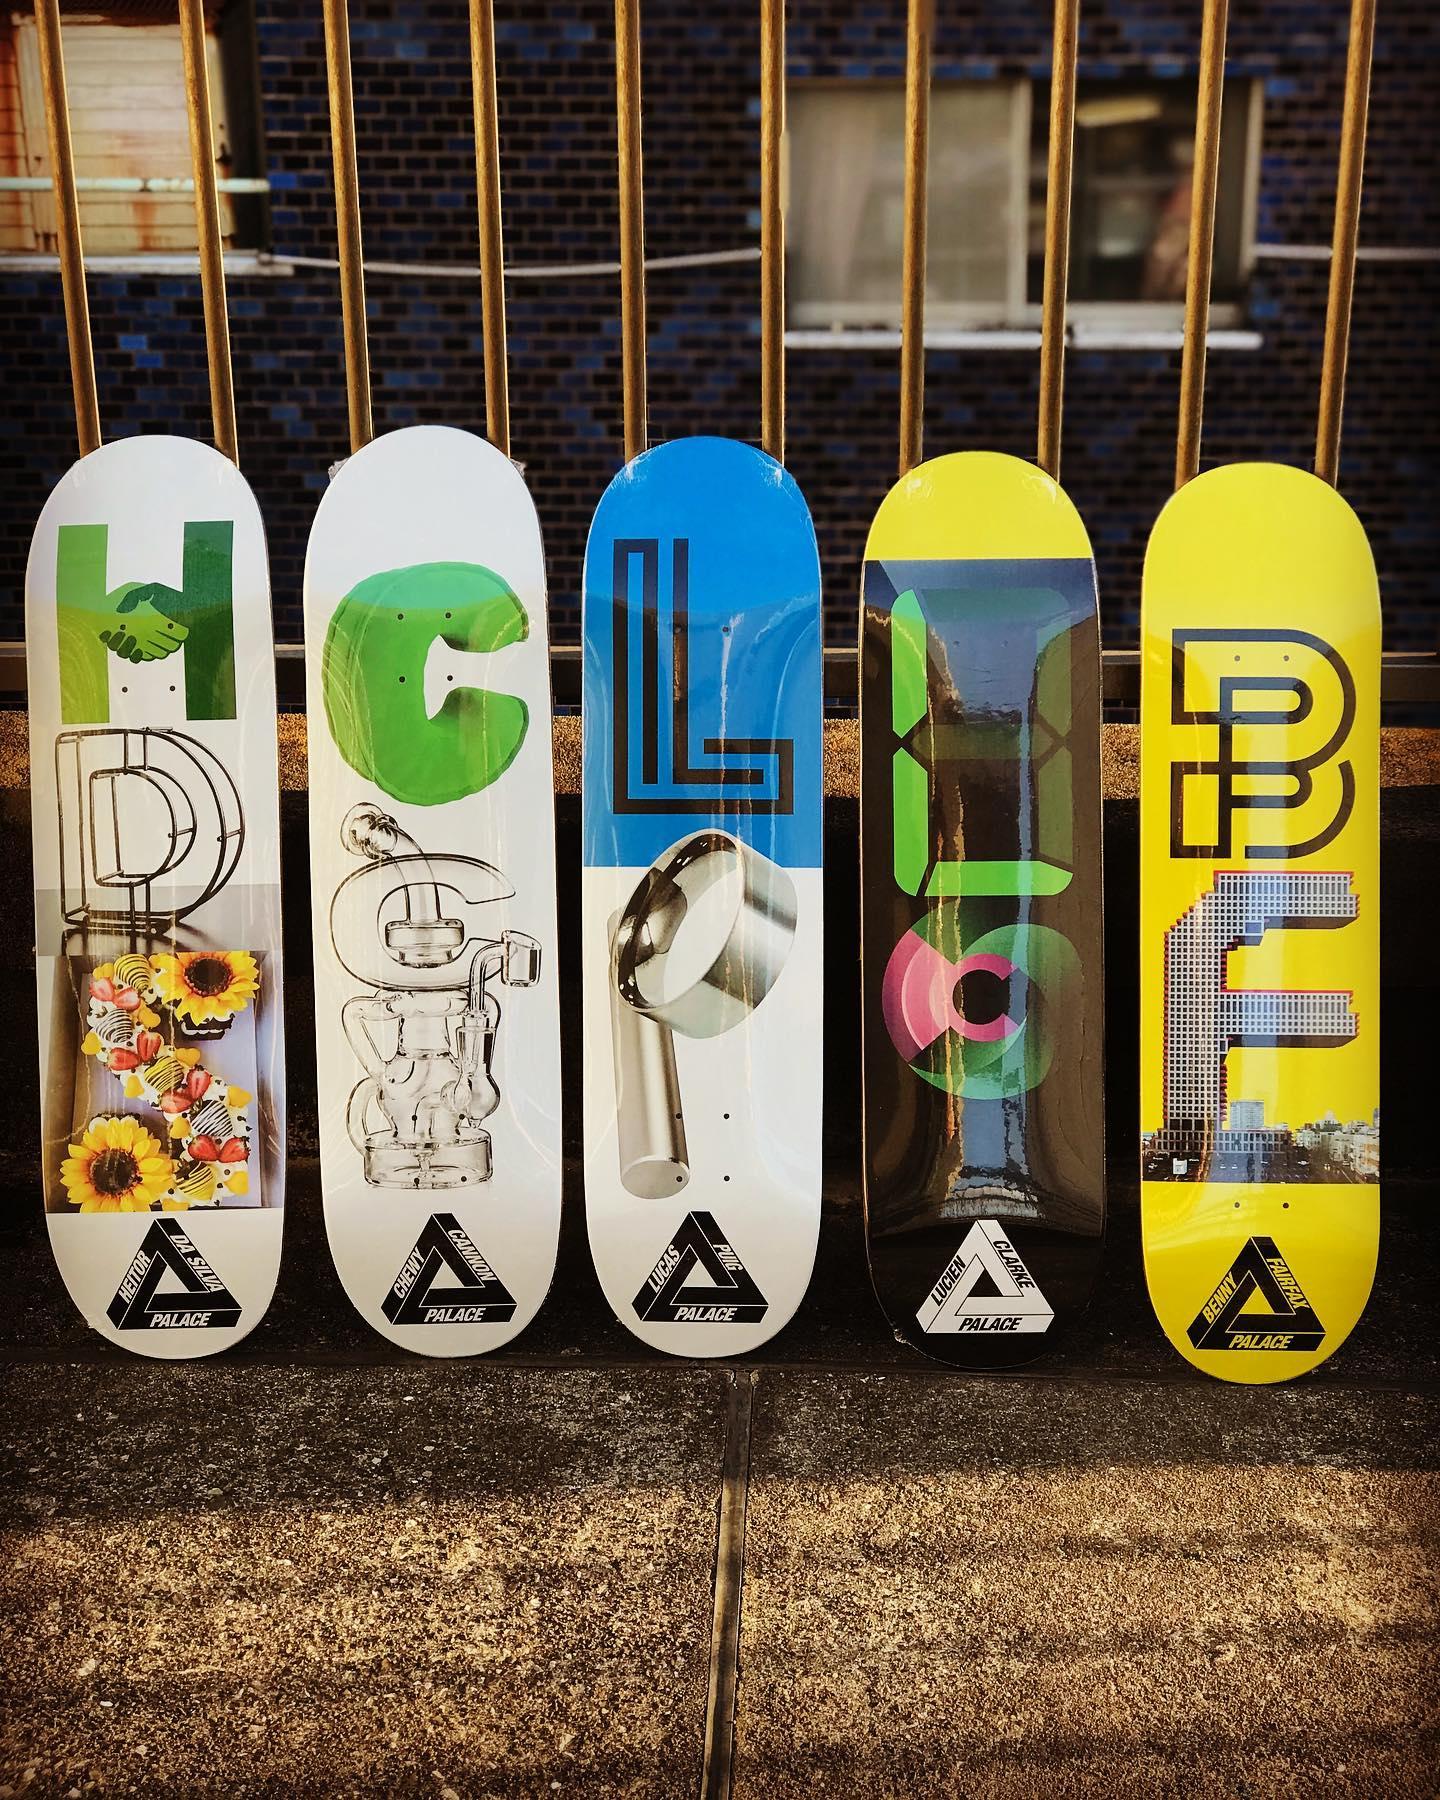 ️New @palaceskateboards decks.2010年にLev Tanju(レヴ・タンジュ)が立ち上げたイギリス発スケートカンパニー「PALACE SKATEBOARDS/パレス」パレスが作り出す世界観はスケーター以外にも影響を与え、世界中から高い注目を集めるスケートブランドです。